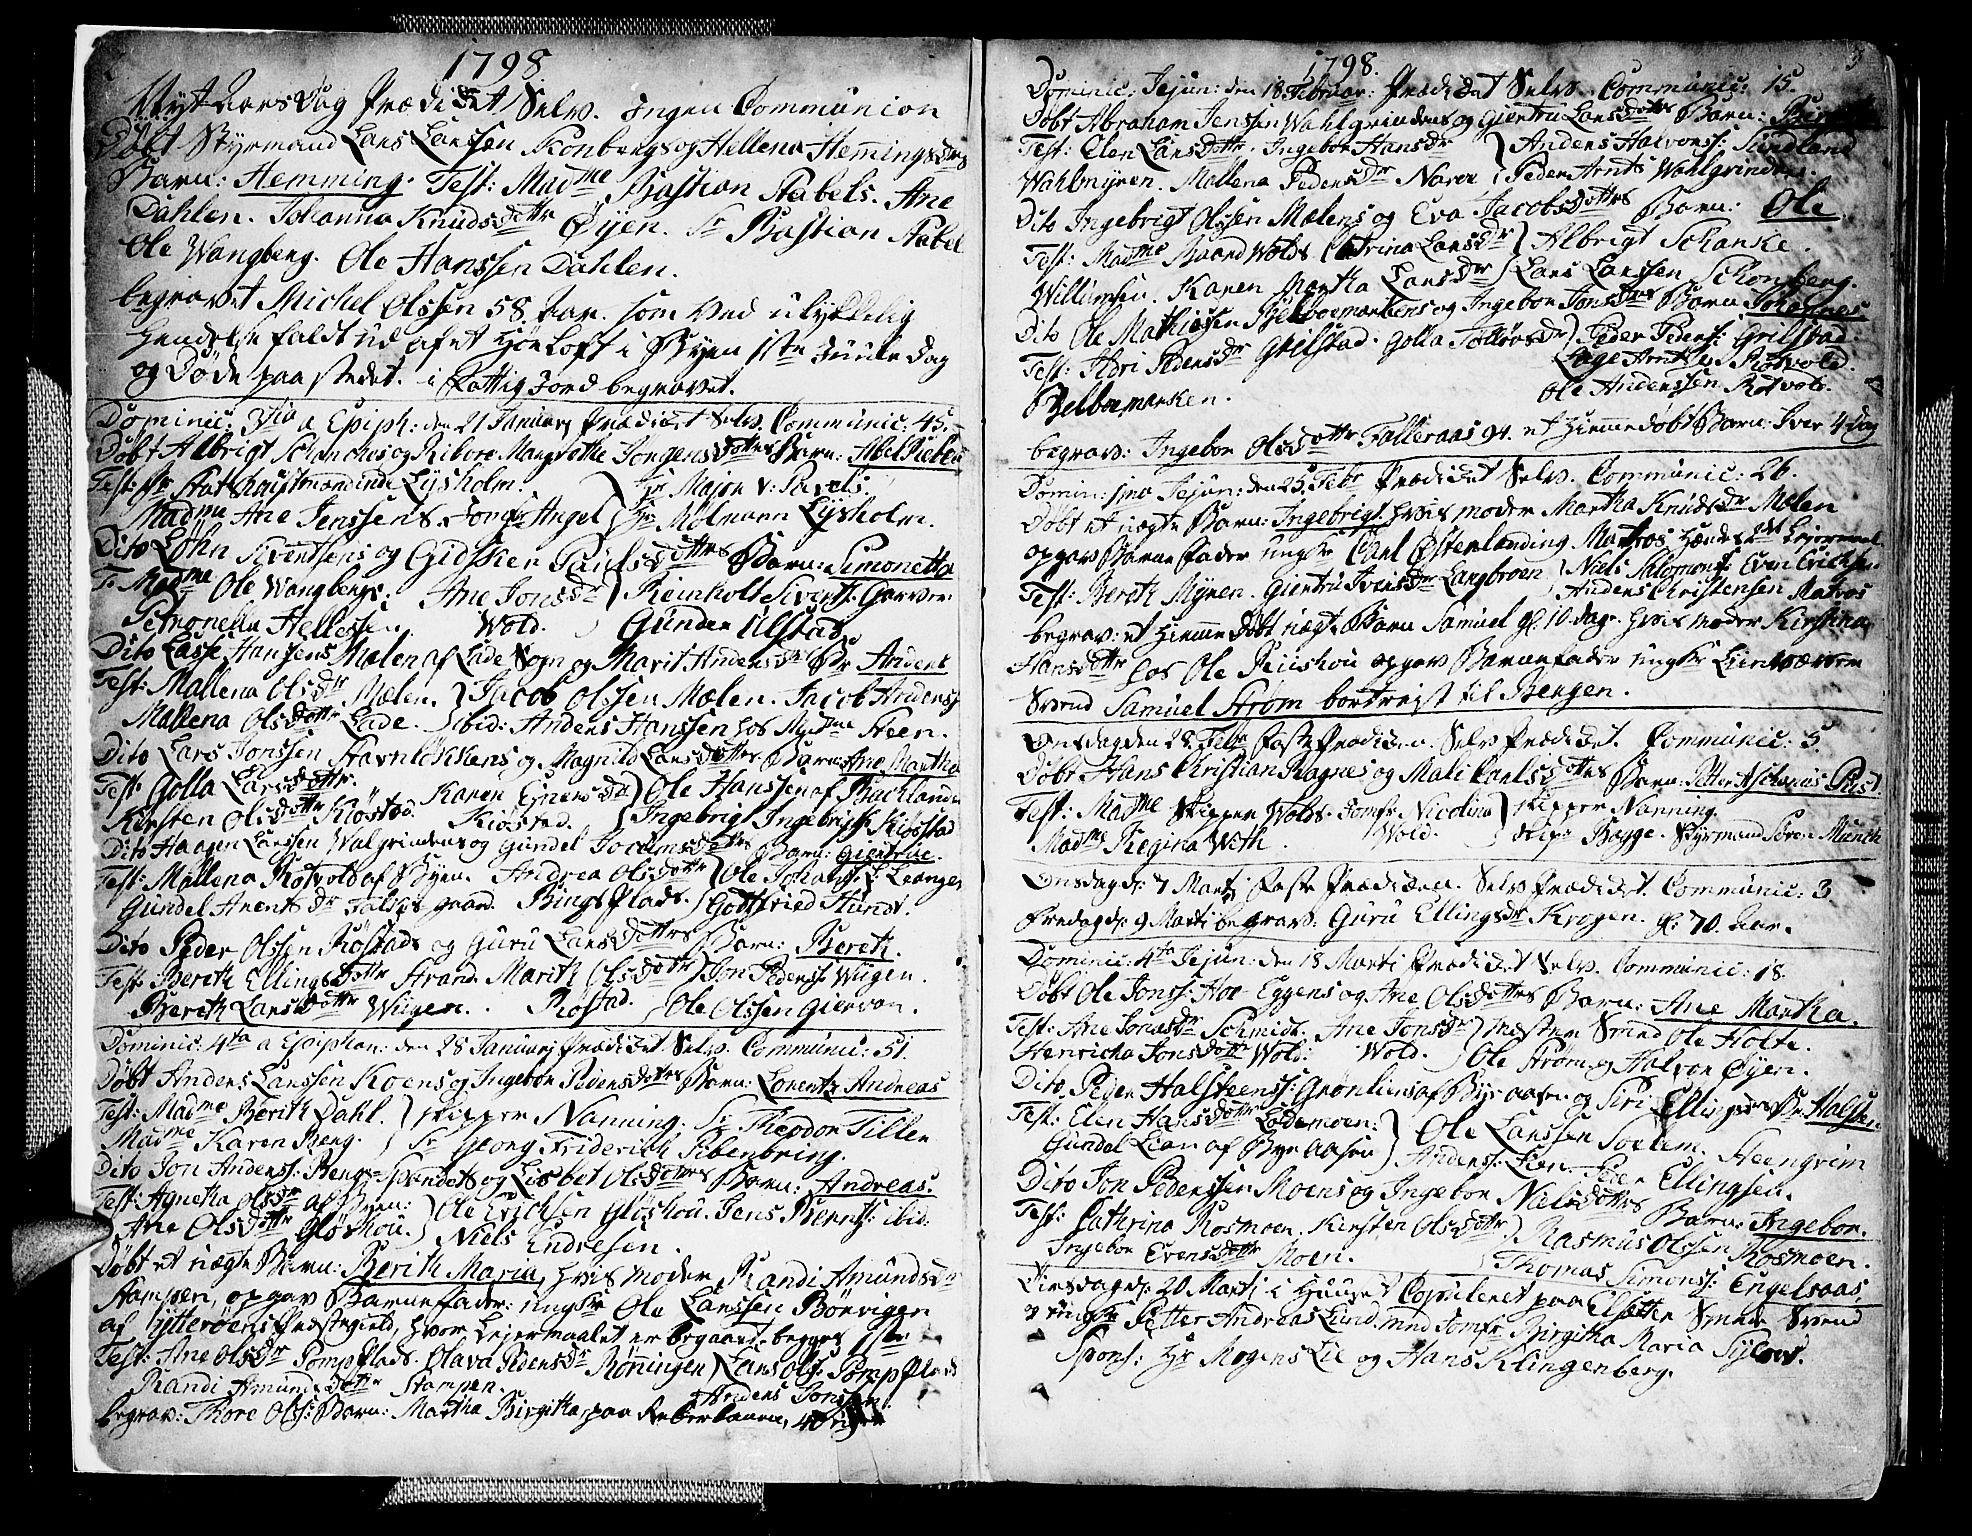 SAT, Ministerialprotokoller, klokkerbøker og fødselsregistre - Sør-Trøndelag, 604/L0181: Ministerialbok nr. 604A02, 1798-1817, s. 2-3